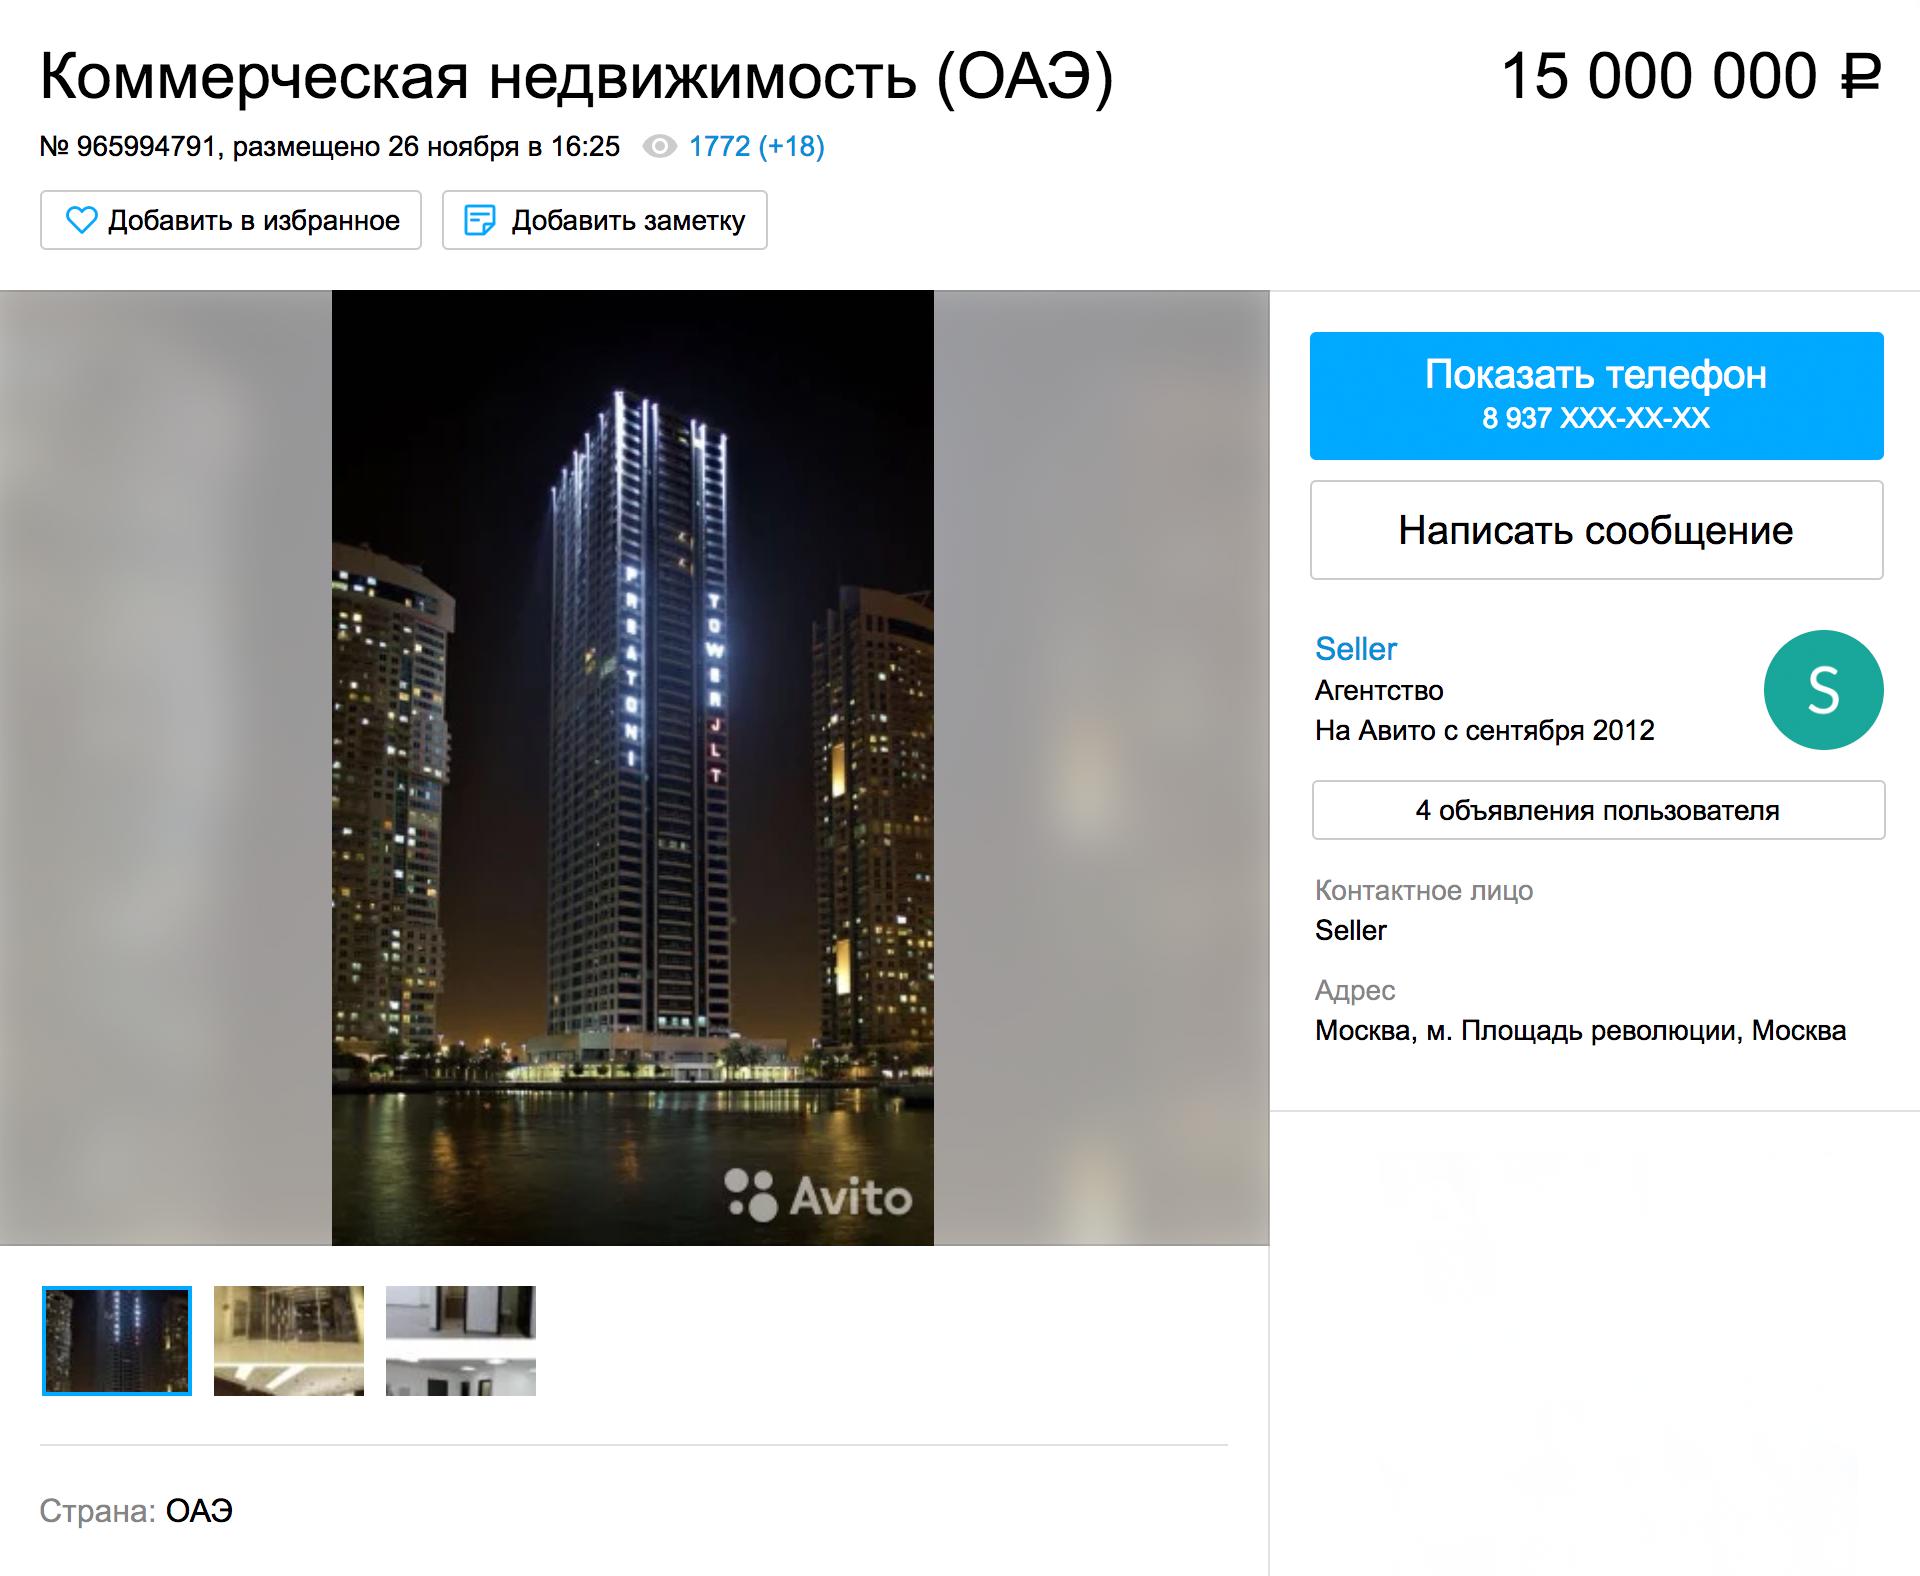 Этаж в дубайском небоскребе с видом на залив за 15 млн рублей. Объявление на «Авито»